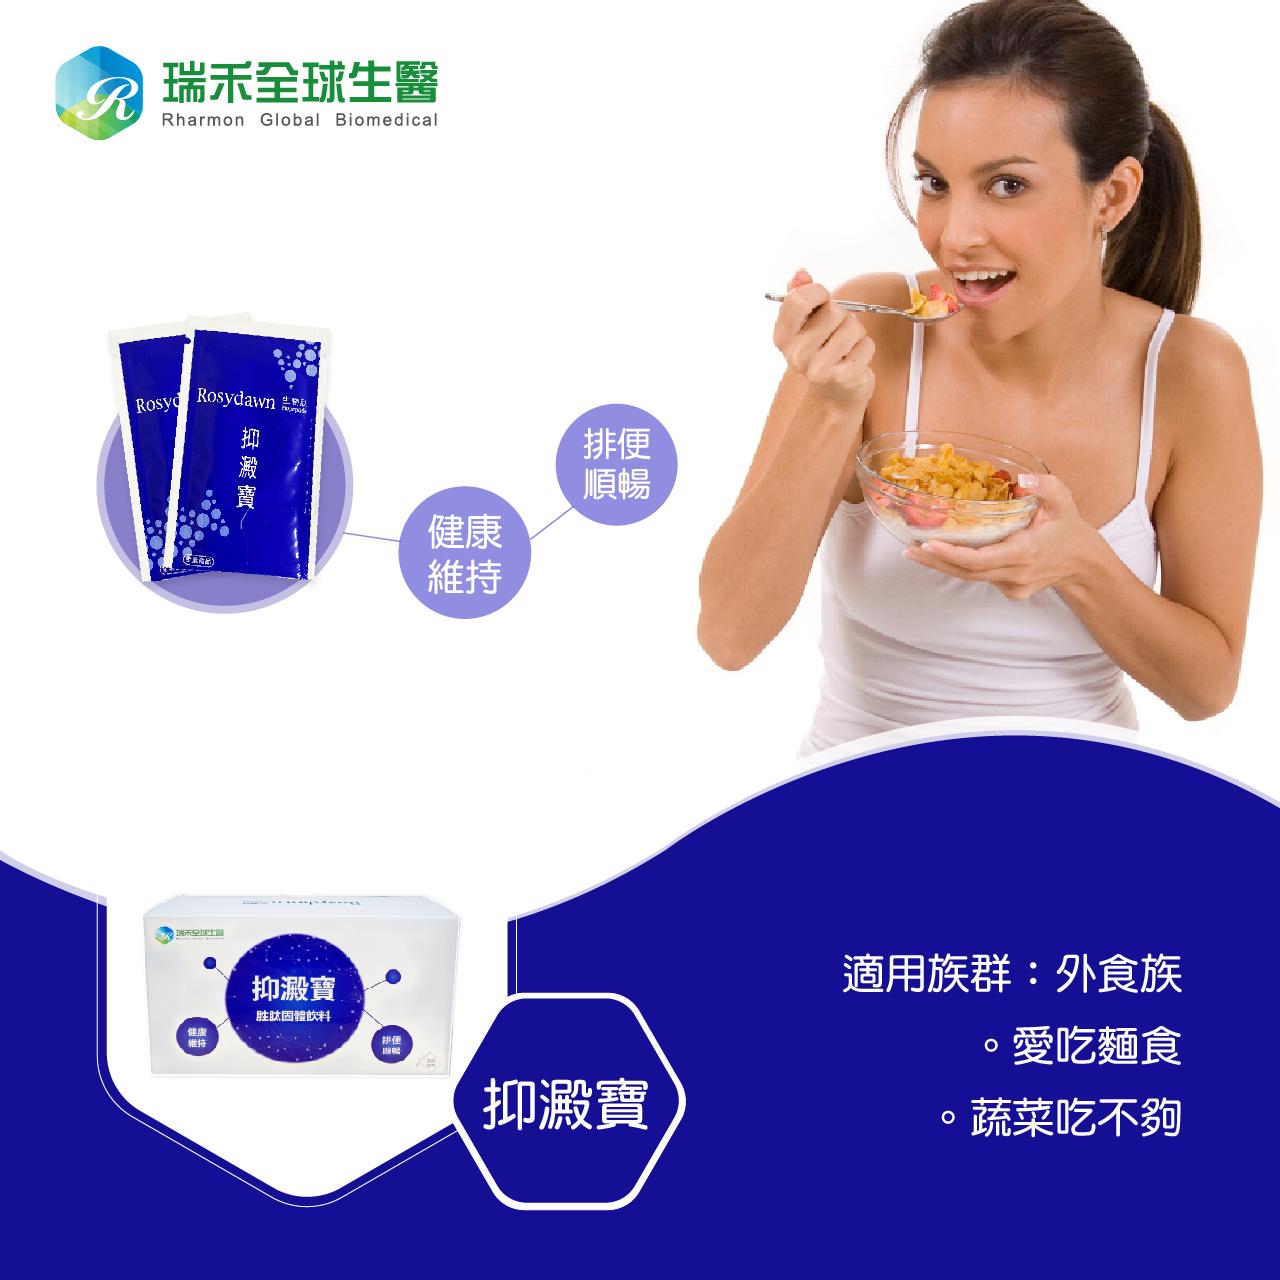 抑澱寶-胜肽固體飲料 健康維持  排便順暢 【適用族群】外食族 。愛吃麵食 。蔬菜吃不夠